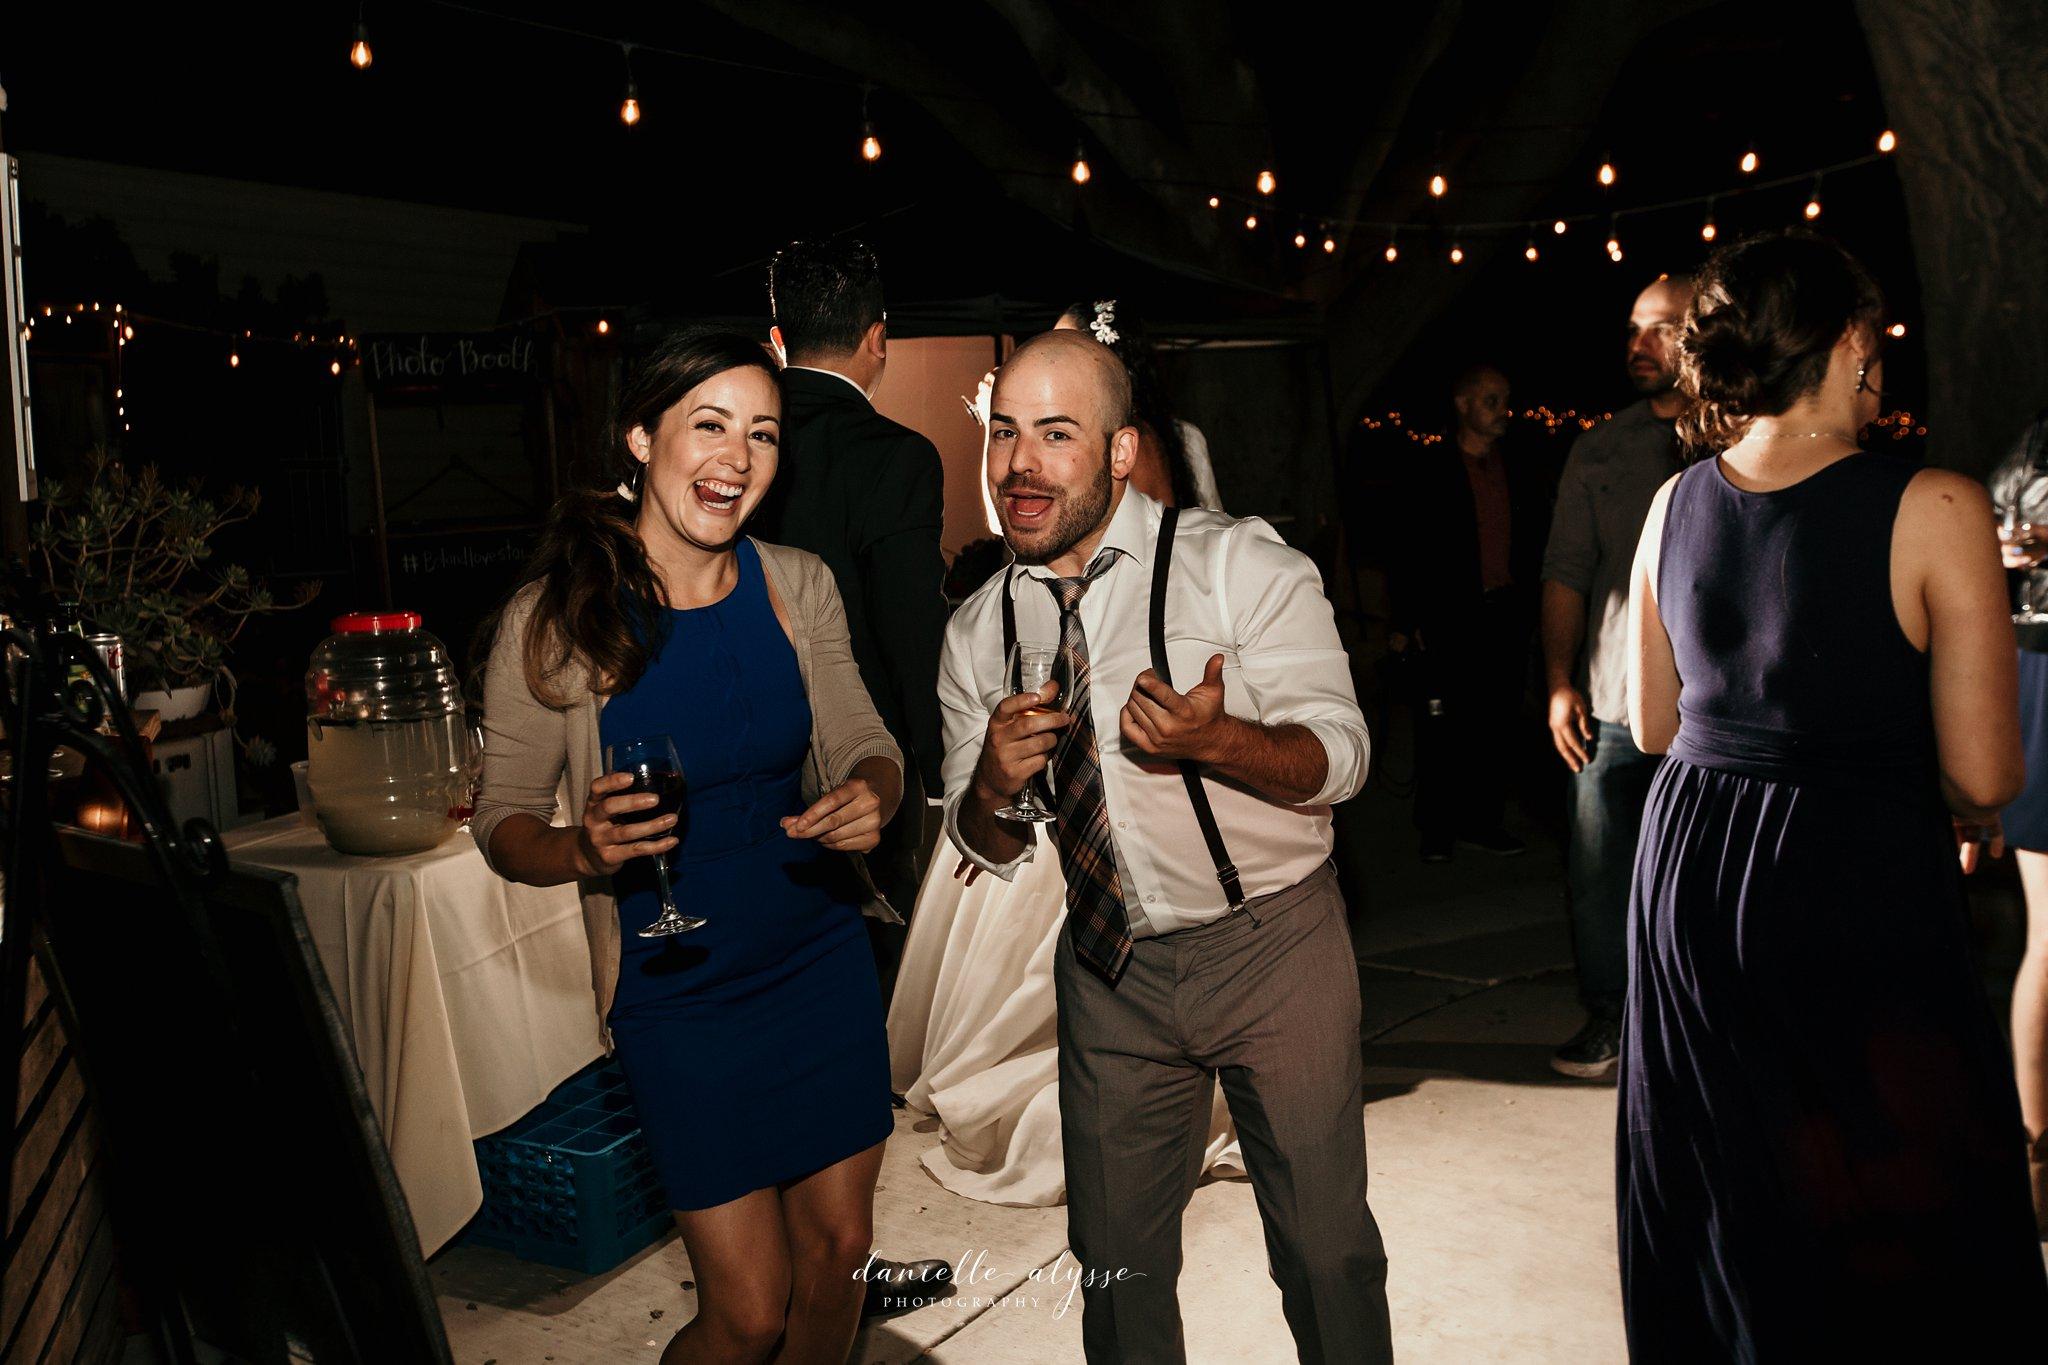 180630_wedding_lily_ryan_mission_soledad_california_danielle_alysse_photography_blog_1331_WEB.jpg